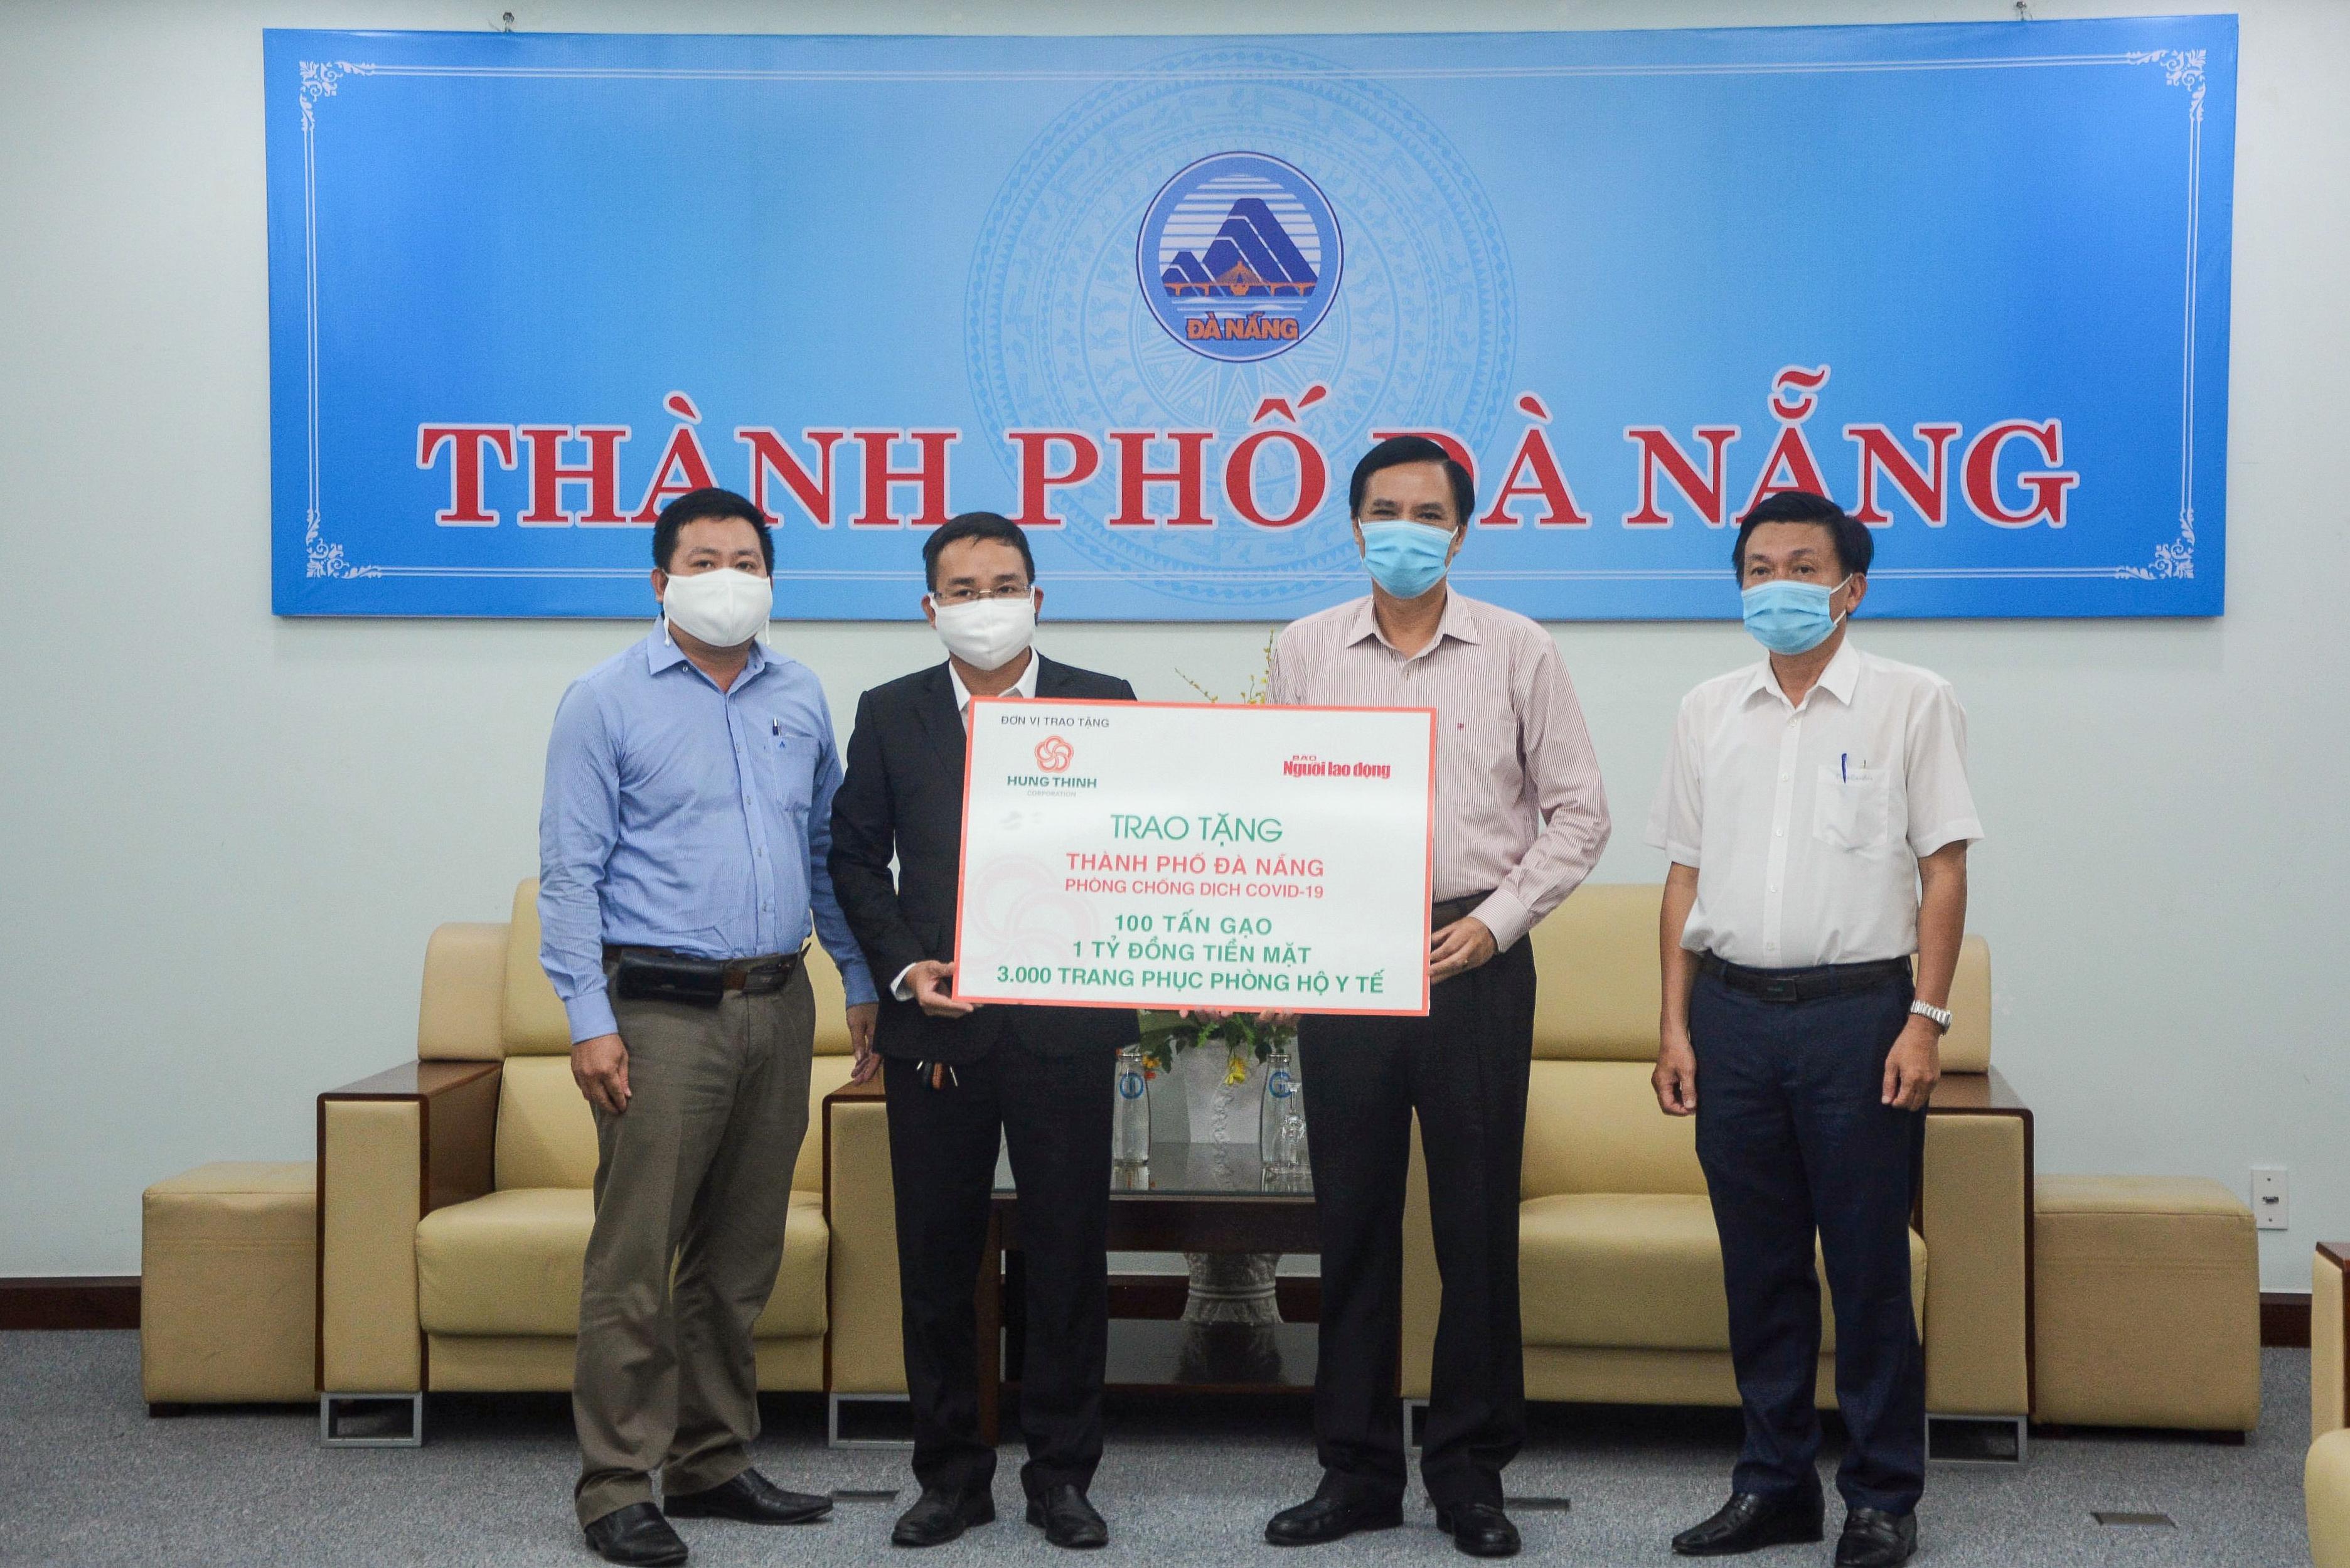 Tập đoàn Hưng Thịnh tiếp sức TP Đà Nẵng và tỉnh Quảng Nam phòng chống dịch COVID-19 - Ảnh 3.